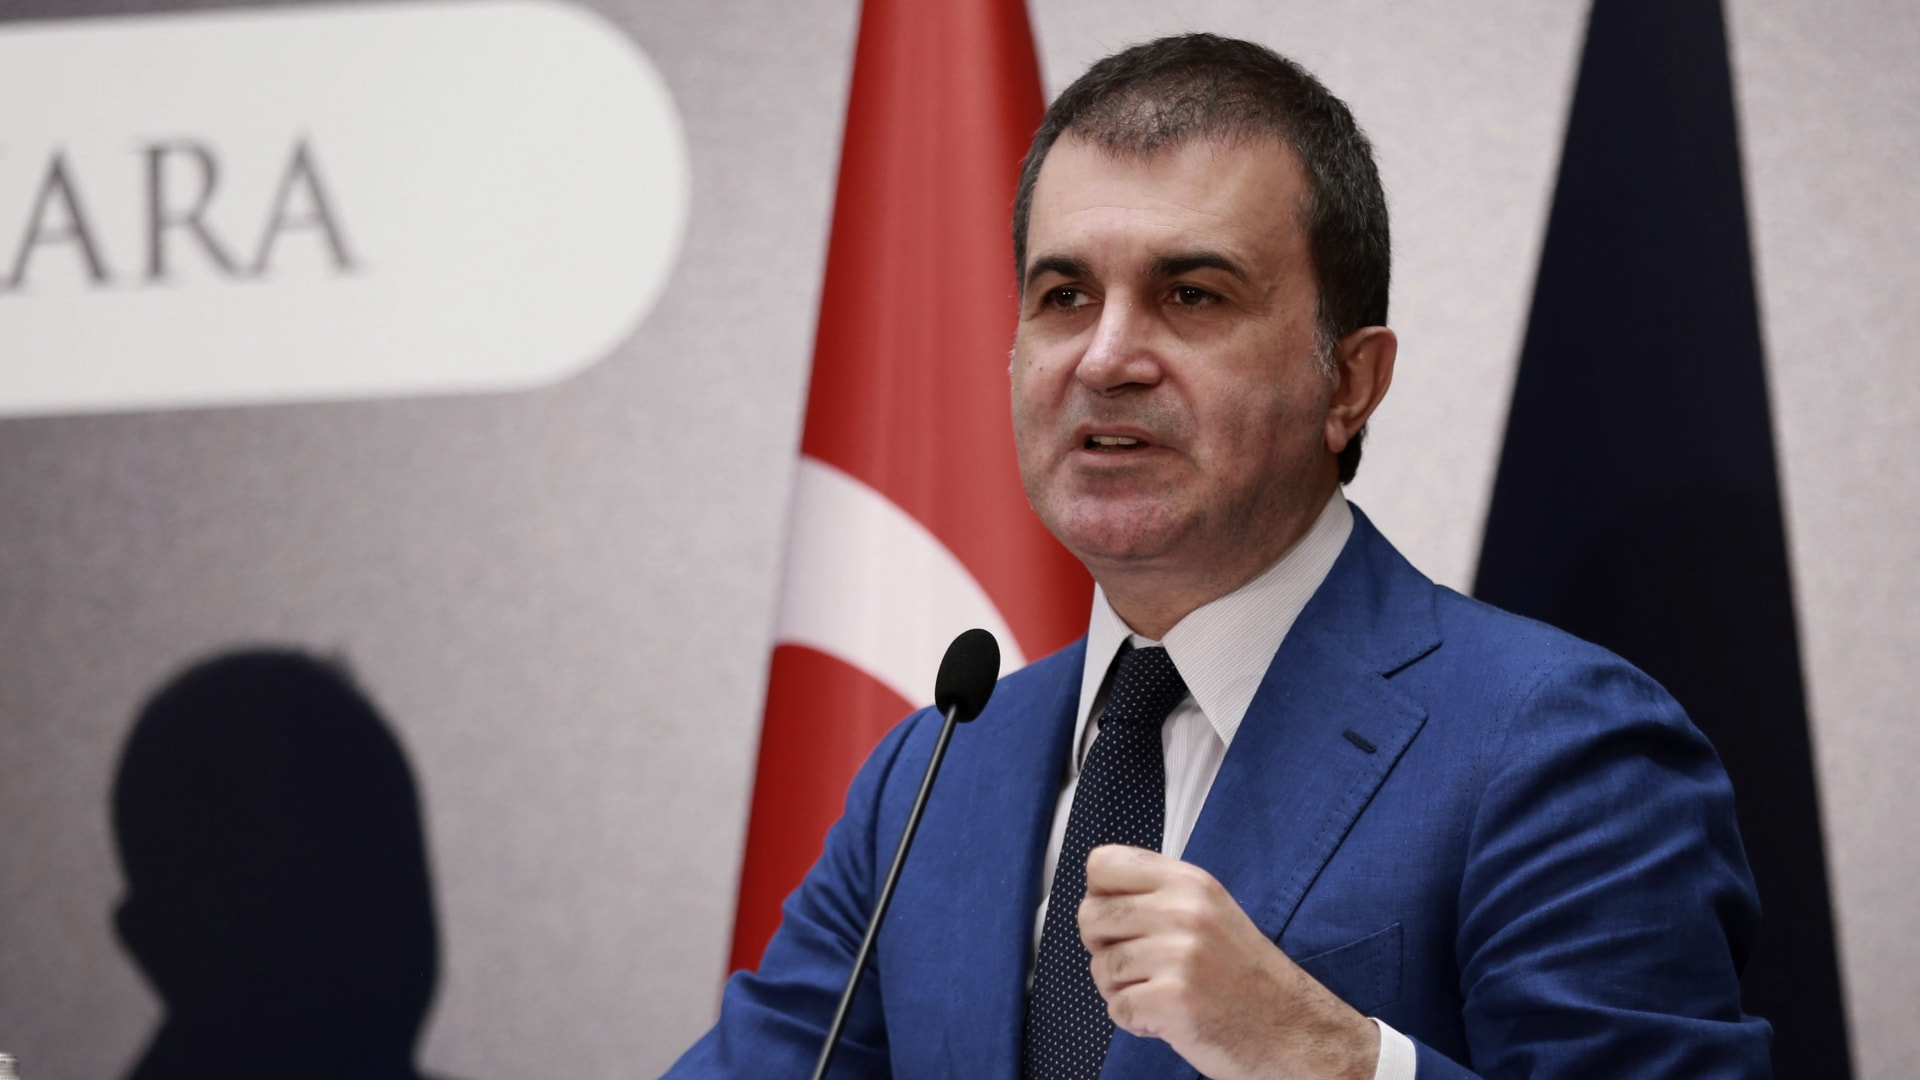 مُتحدث الحزب الحاكم بتركيا: لم نغير موقفنا السياسي من إرساء الديمقراطية في مصر.. وحوارنا ضرورة